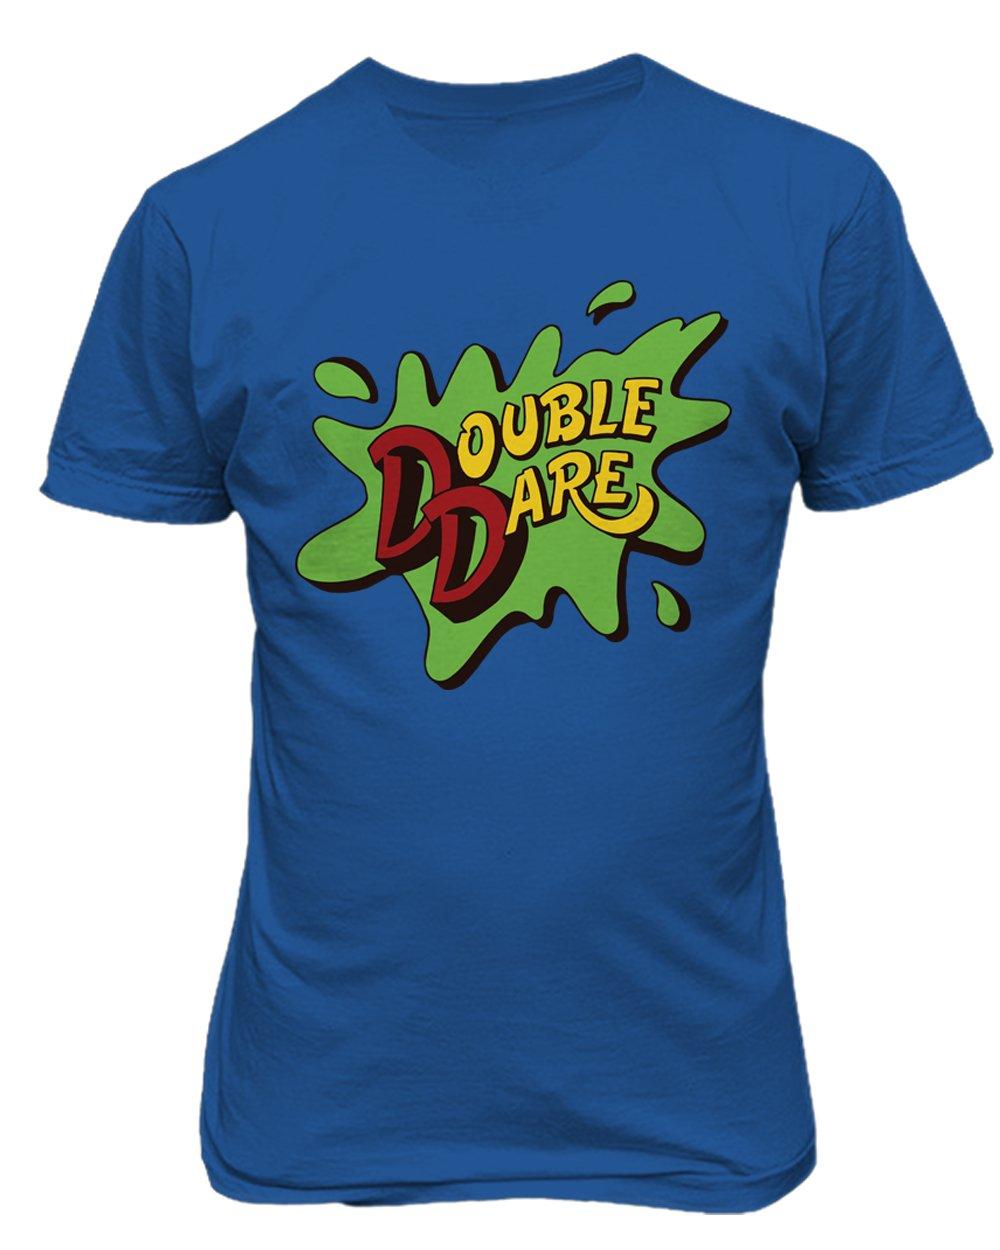 古典 Double Dare Double ロイヤル Tシャツ Adult Dare Medium ロイヤル B076CS8MQM, アイエスマート:0be49167 --- narvafouette.eu